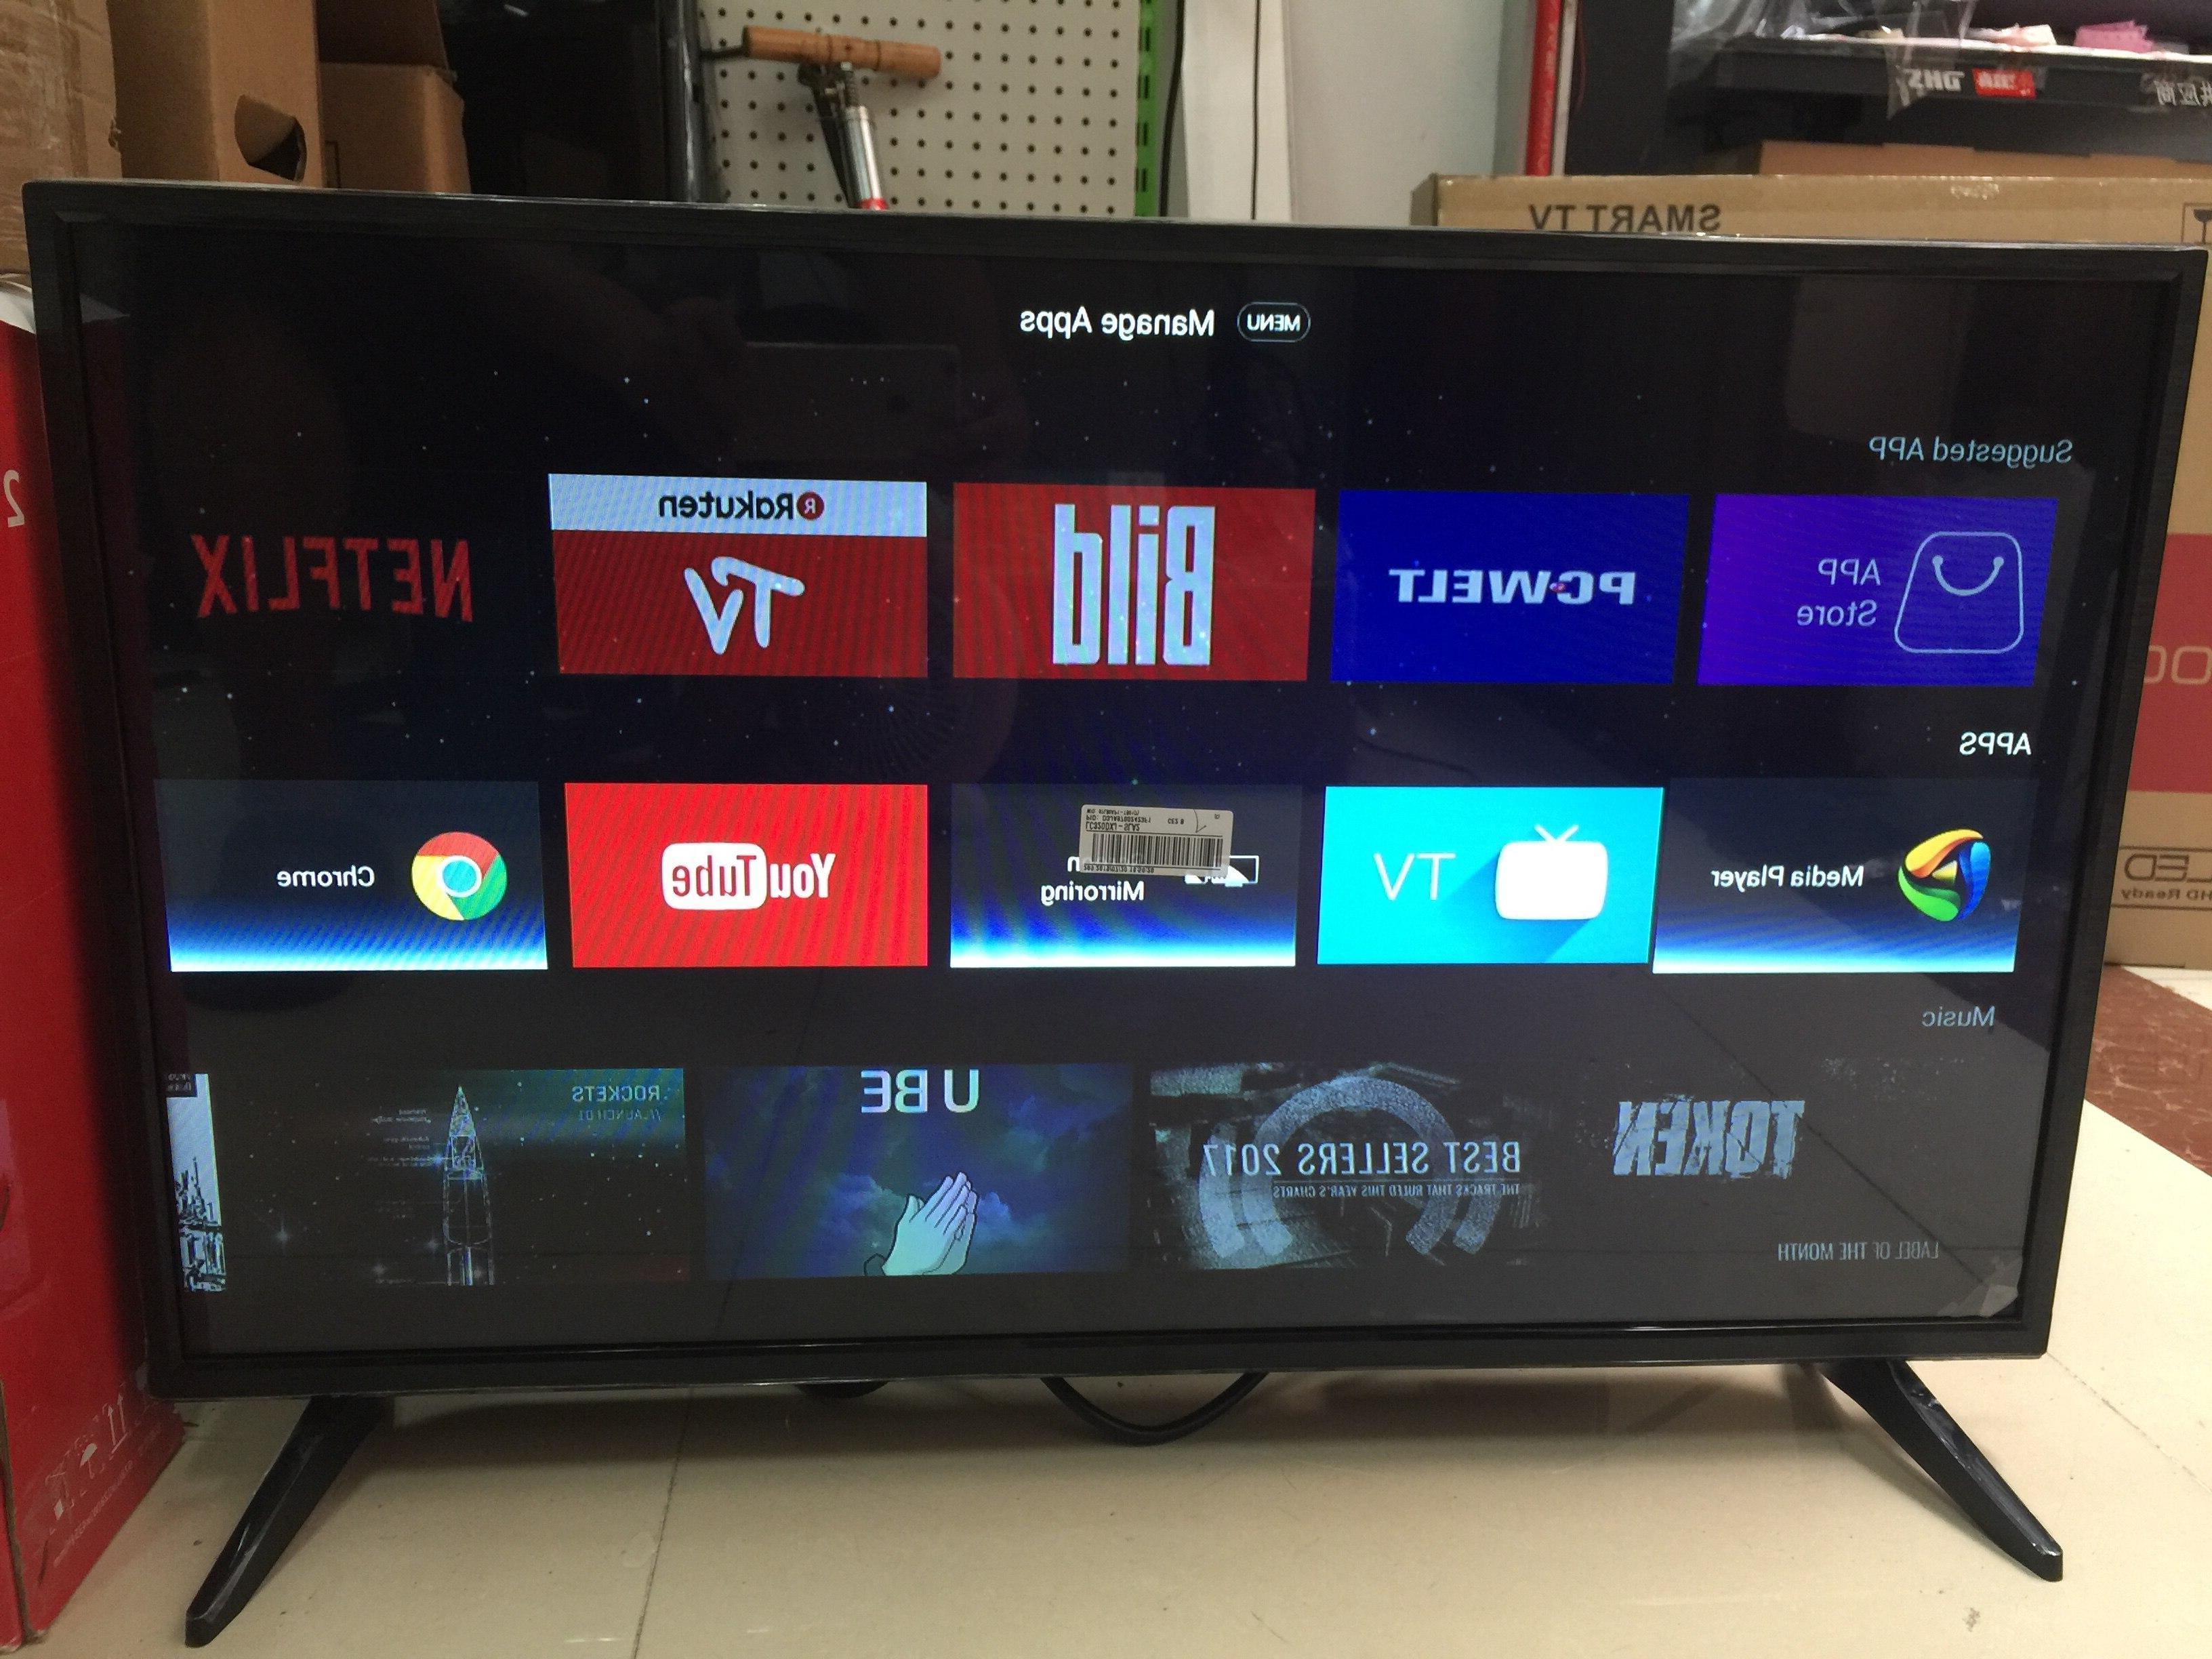 32 40 46 <font><b>50</b></font> <font><b>inch</b></font> youtube TV android 7.1.1 smart LED & monitor